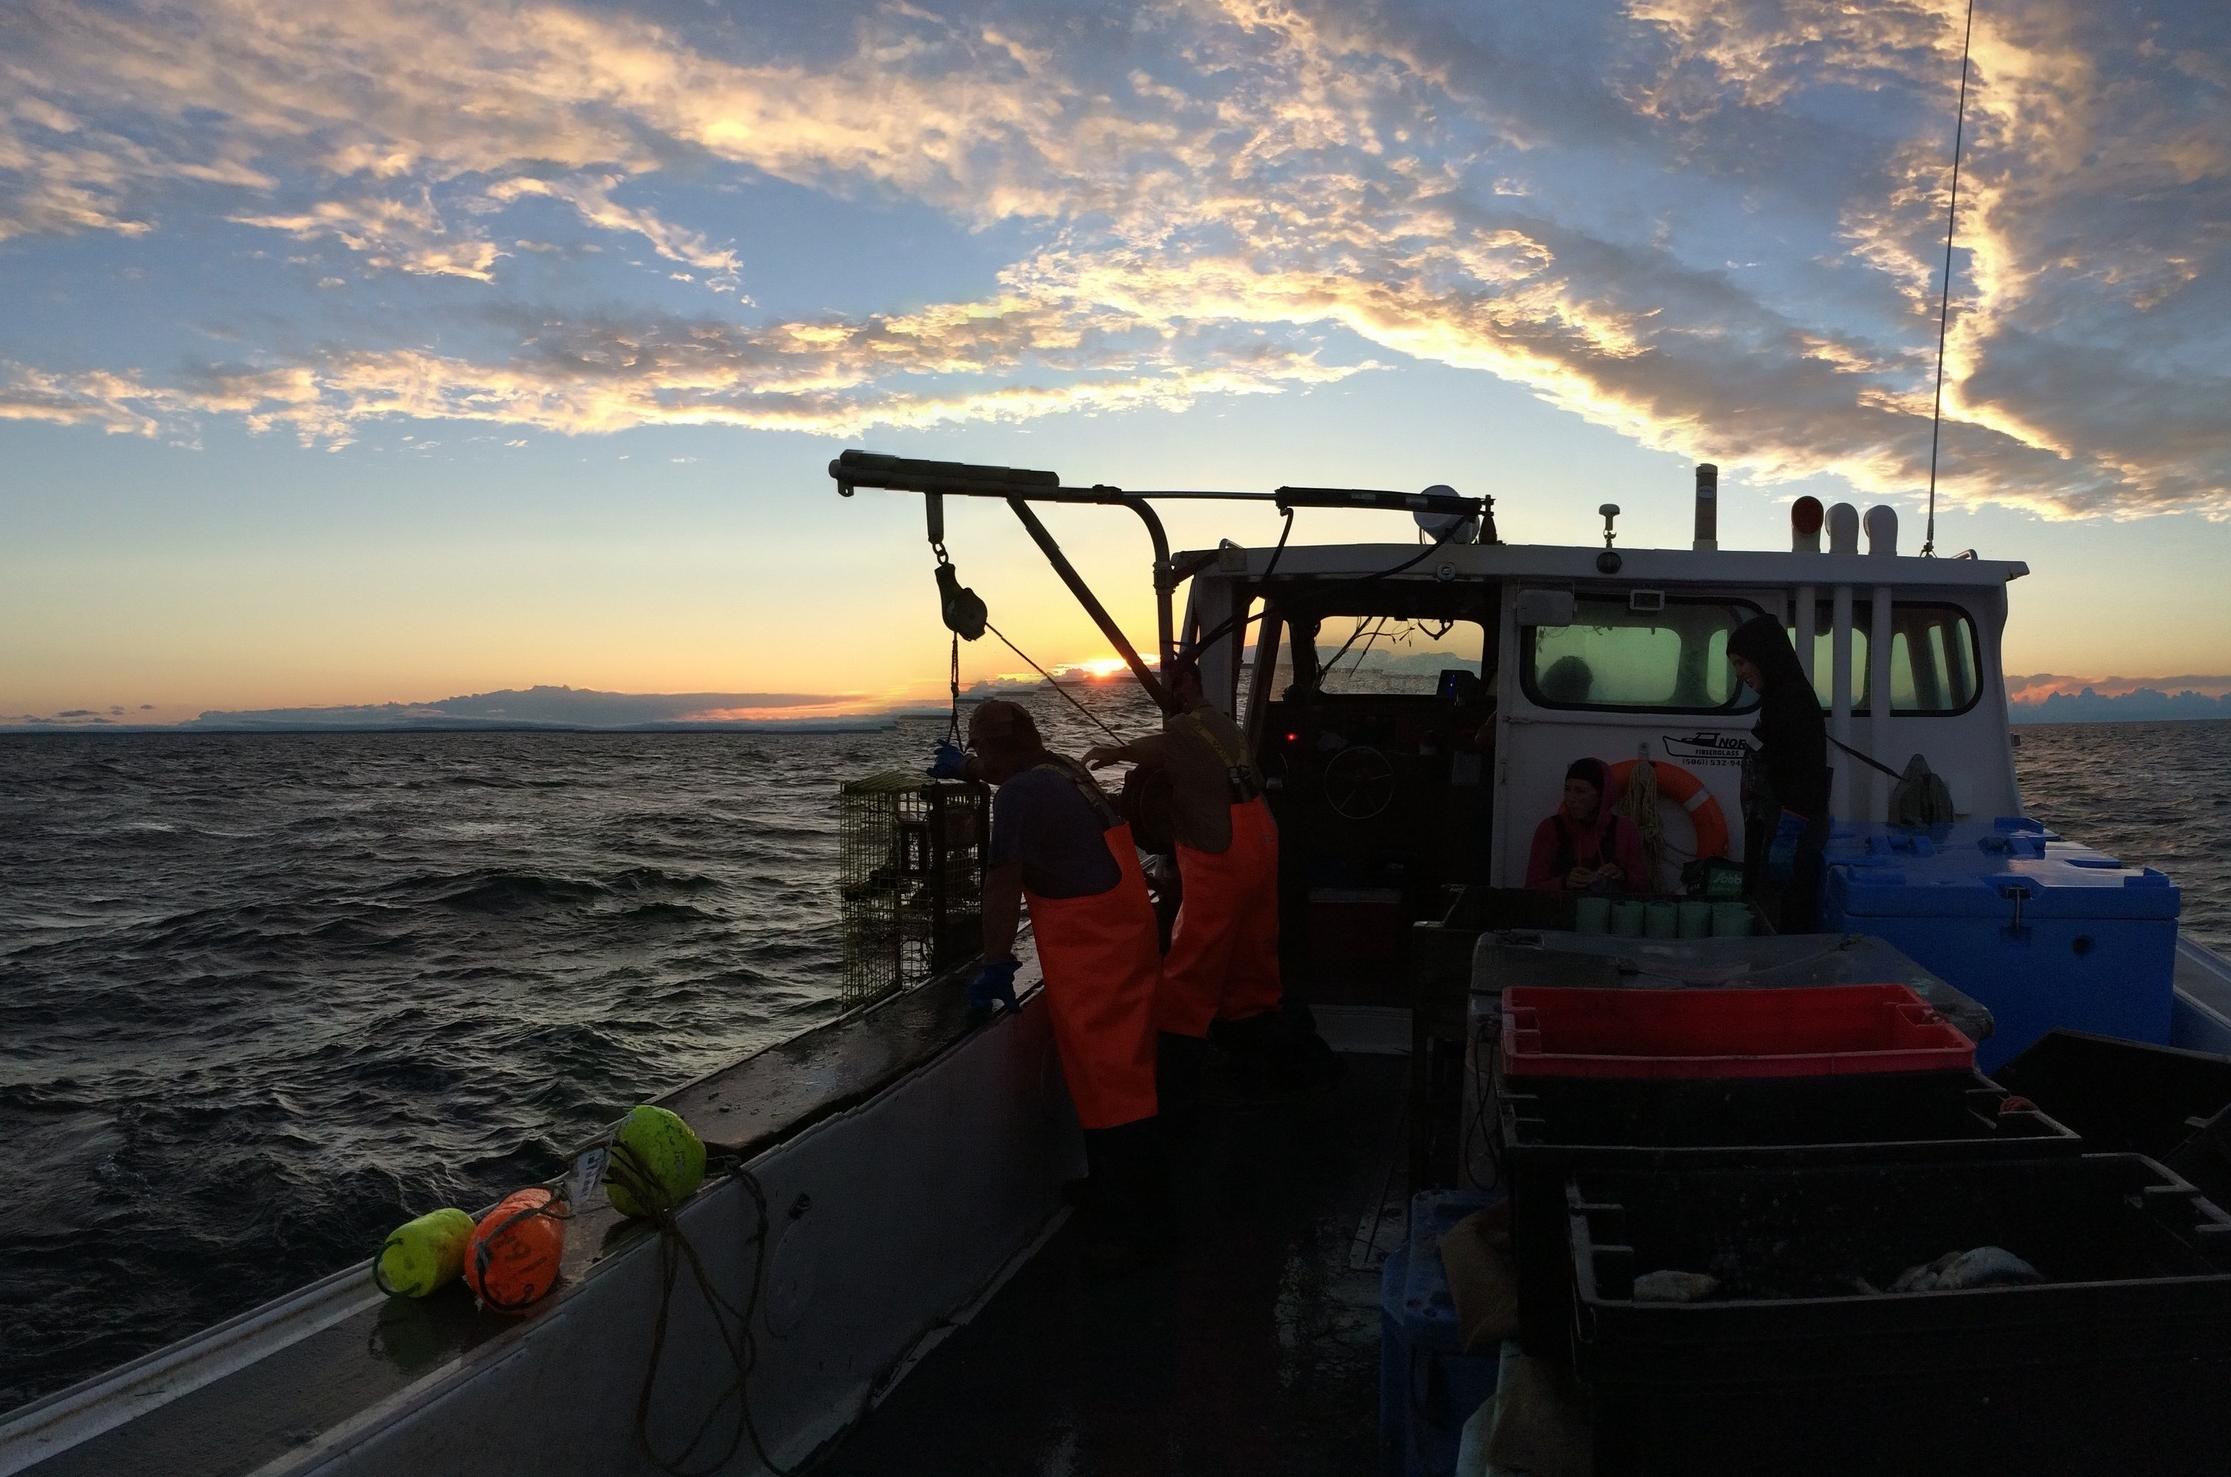 Développement d'appâts alternatifs pour la pêche au homard